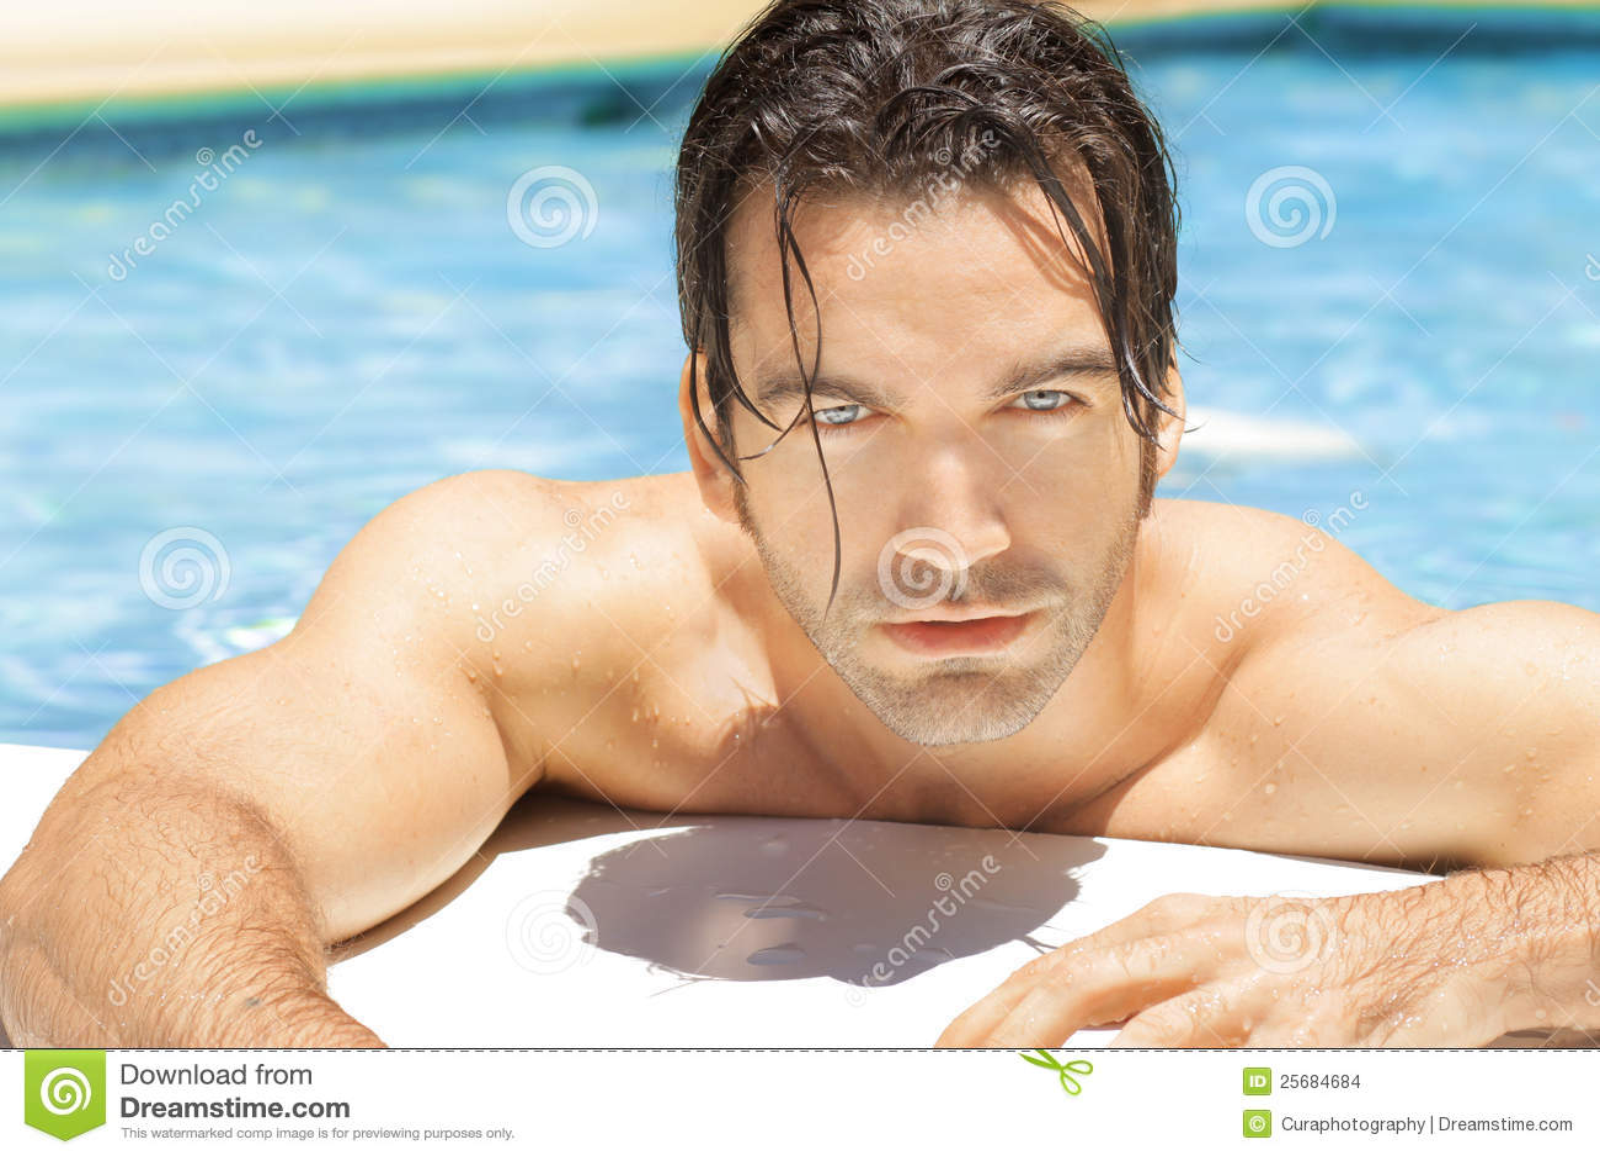 Простые фото мужчин в бассейне, Правда или фейк? Мужчины голые, женщины в купальниках 24 фотография